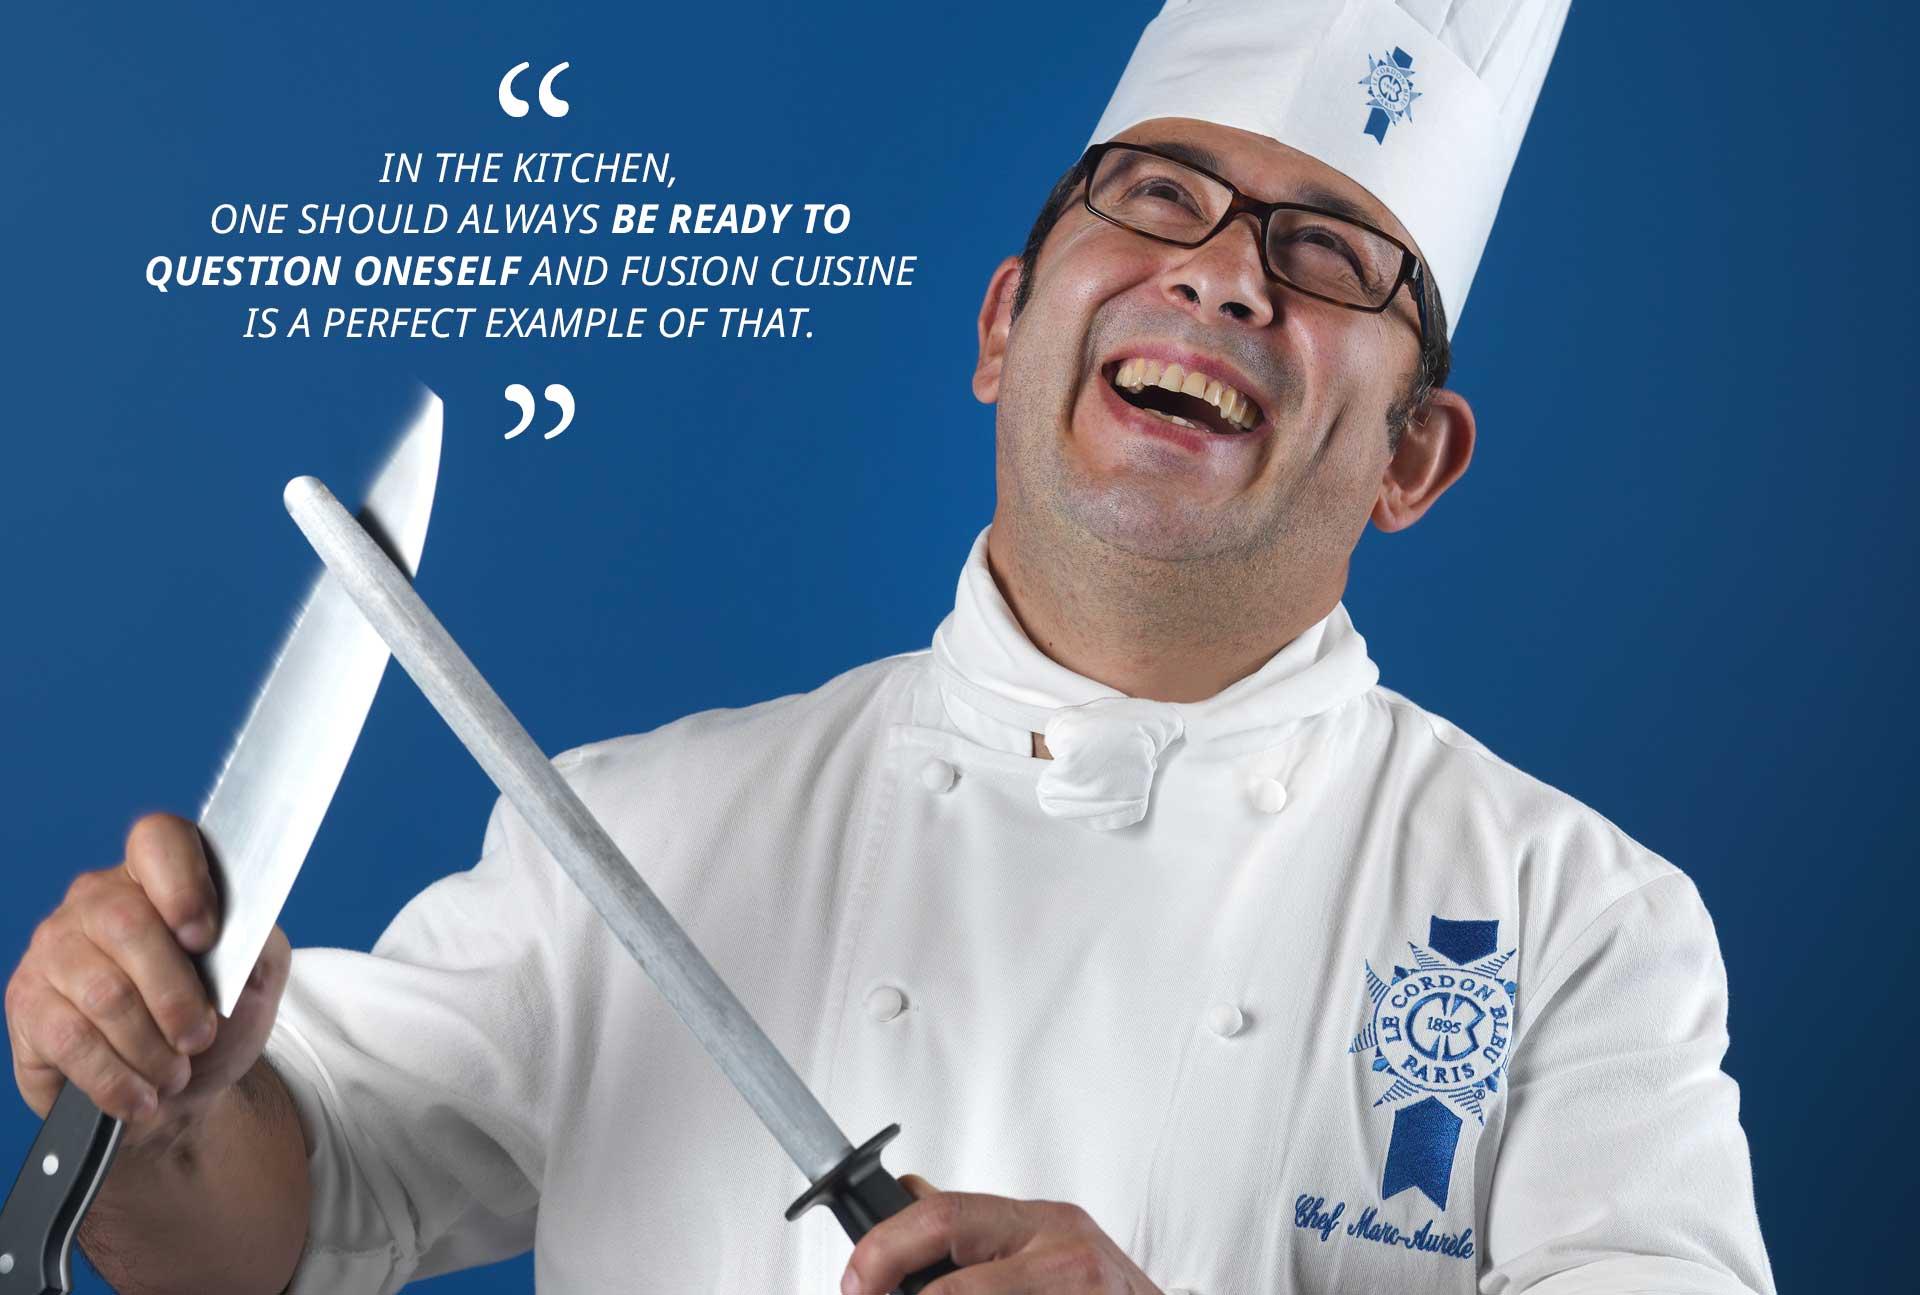 Cuisine chef Marc Vaca